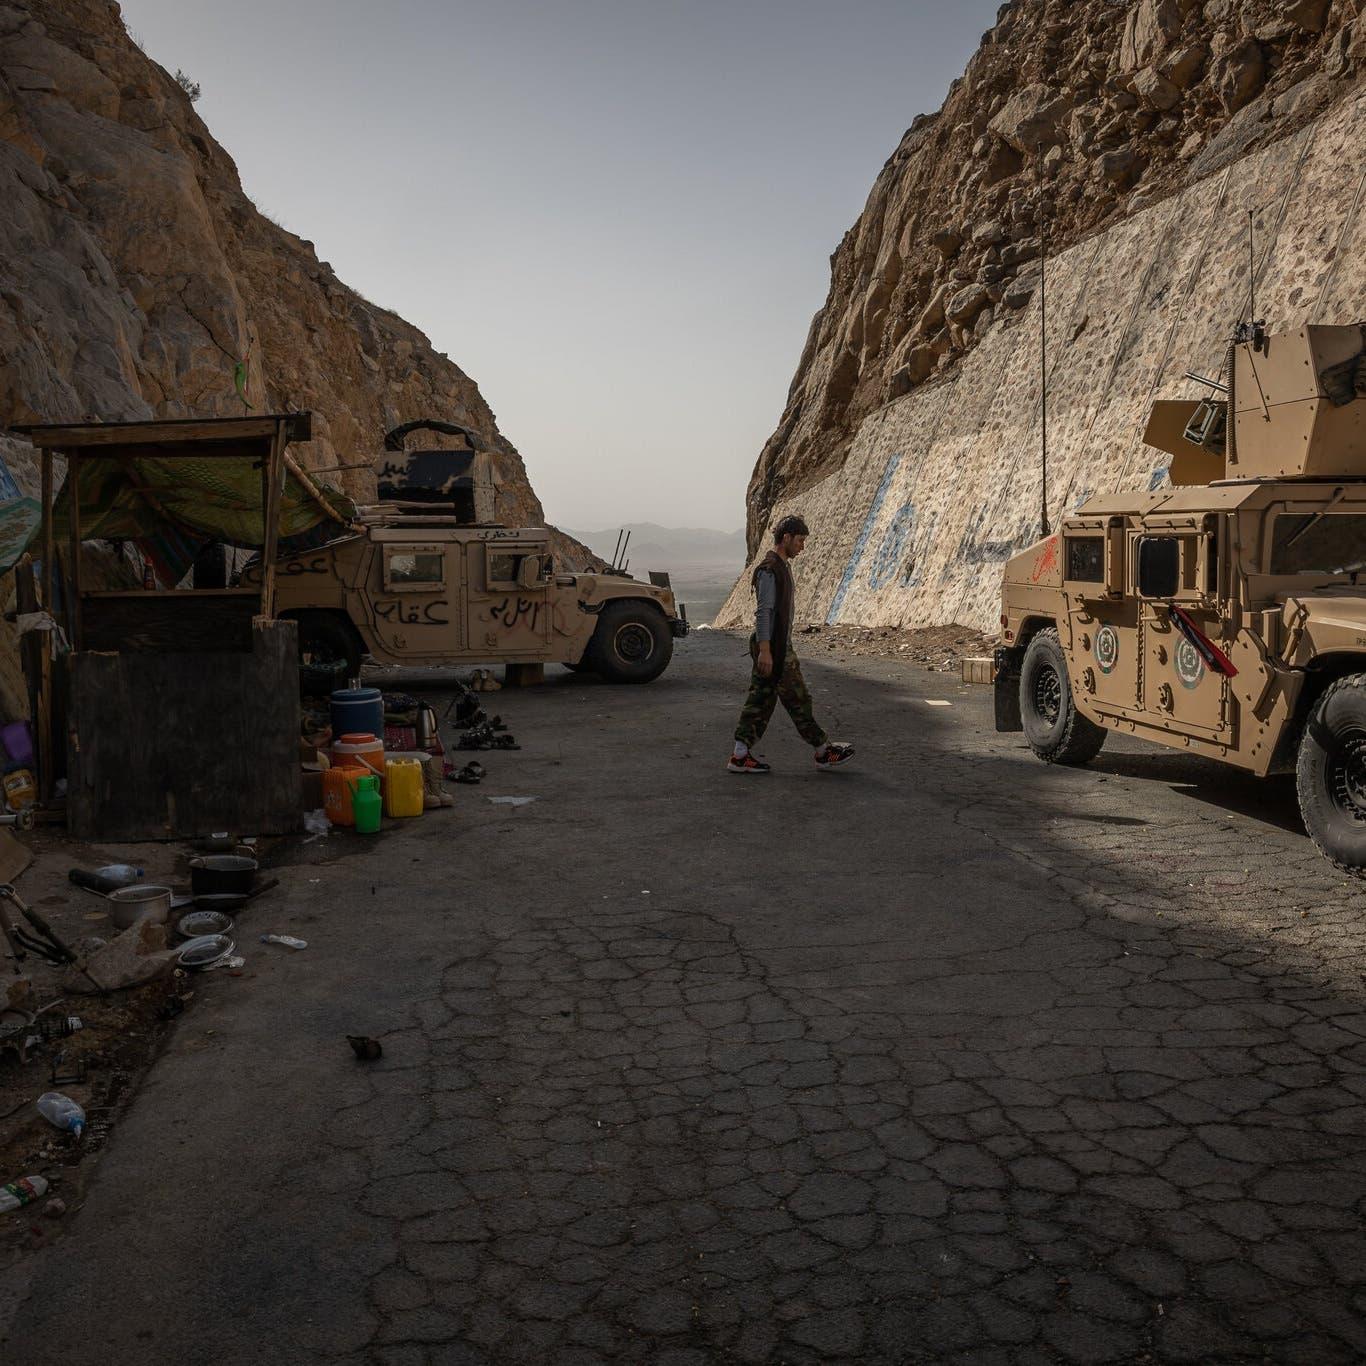 صحيفة أميركية: ما بين العراق وأفغانستان.. ما أشبه اليوم بالأمس!